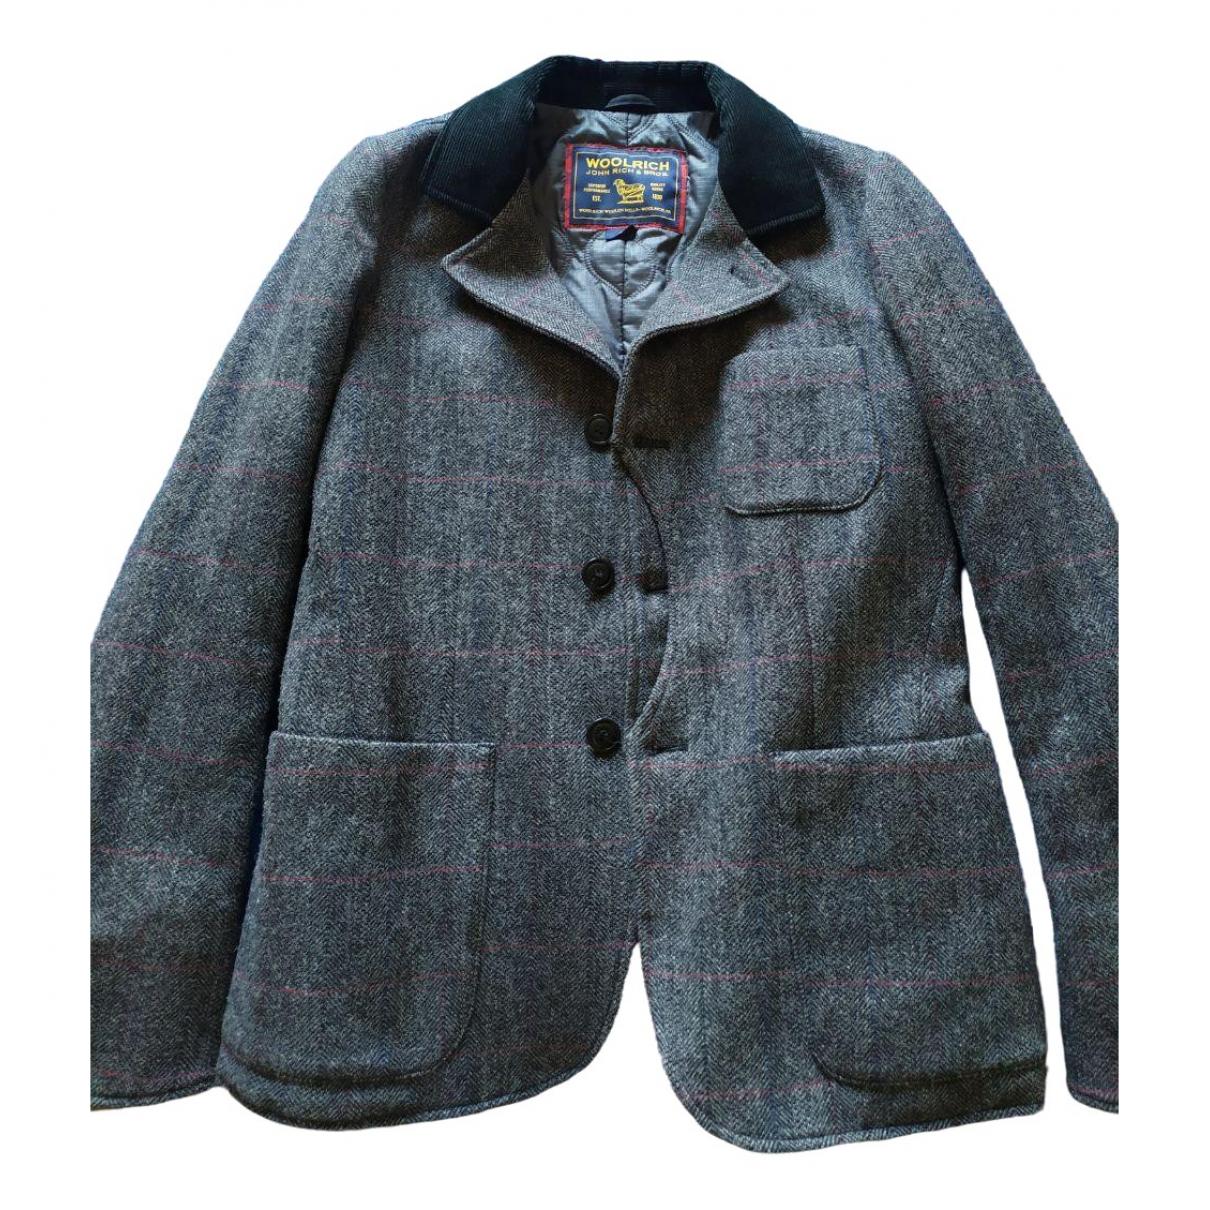 Woolrich \N Jacke in  Grau Wolle